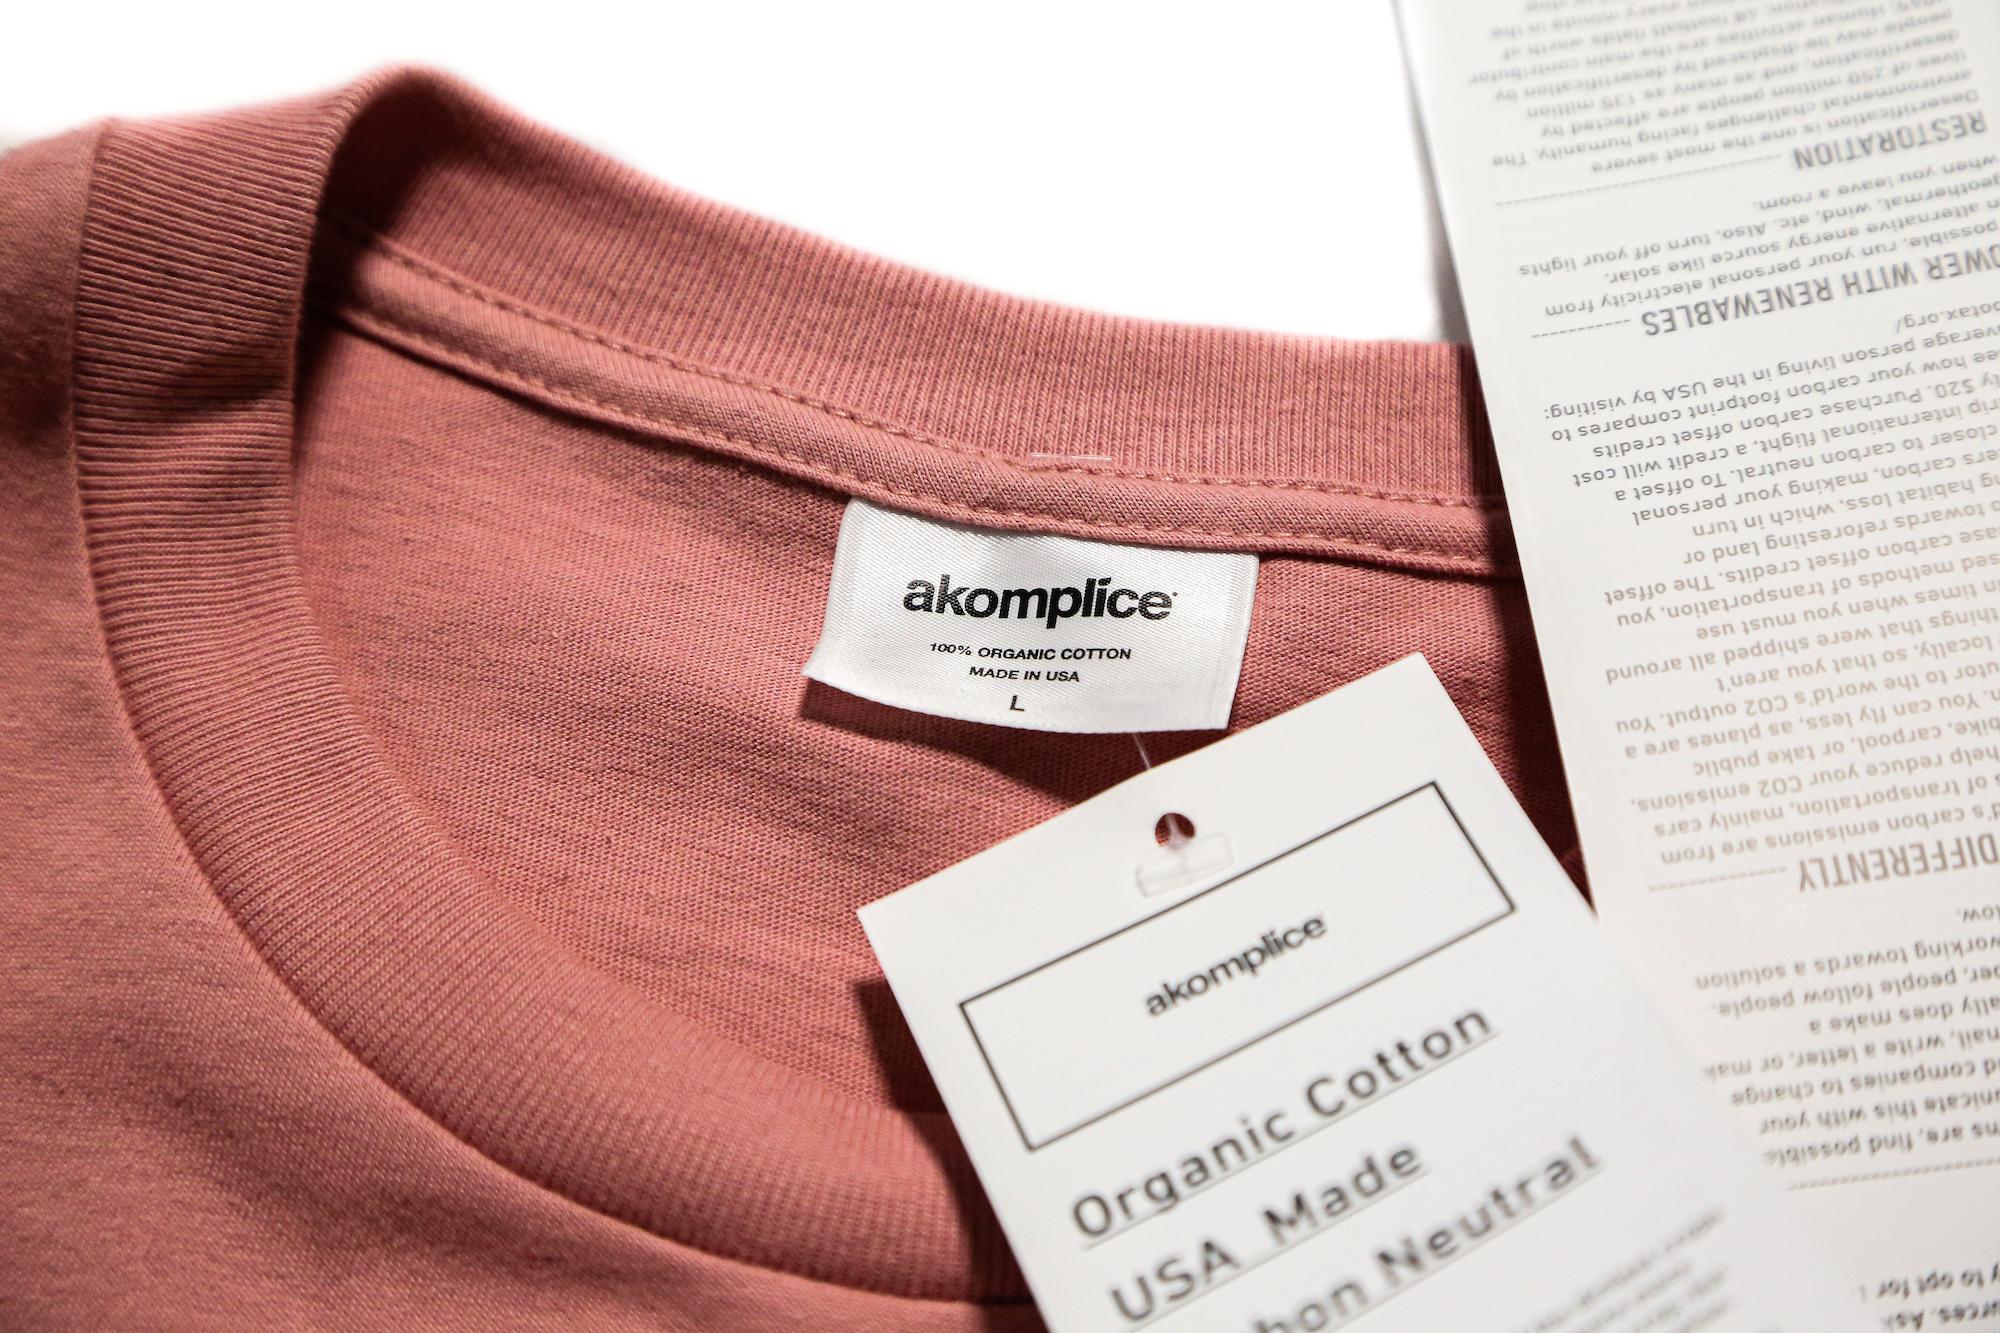 Akomplice custom neck tag and hang tag on red shirt